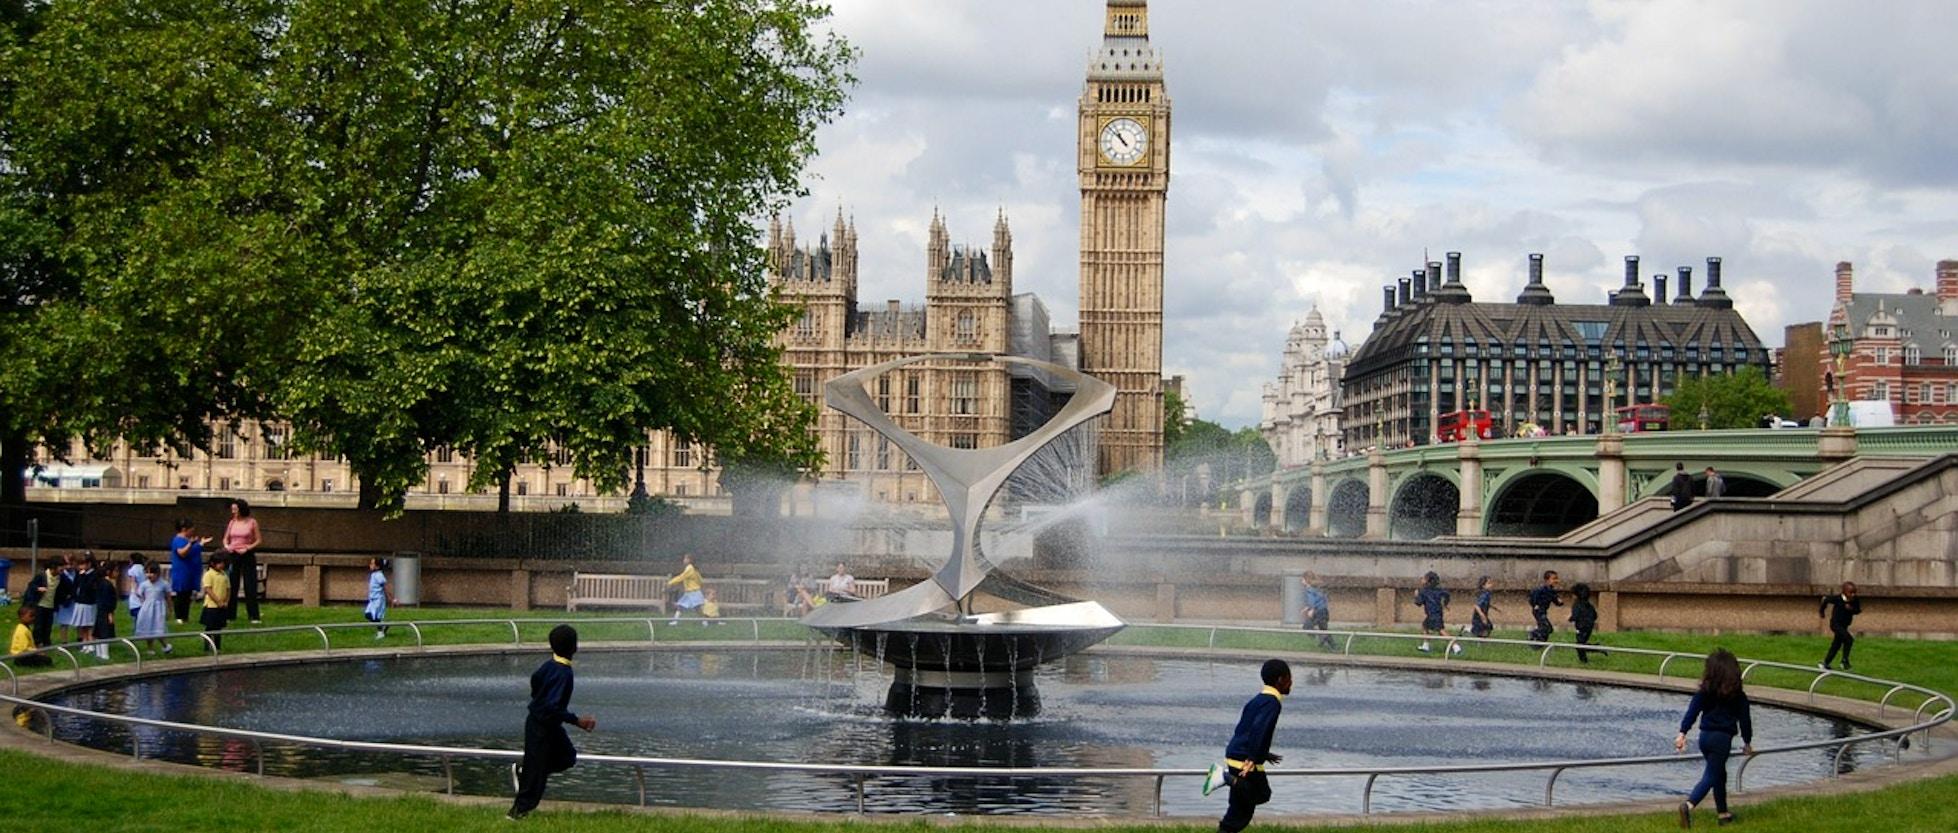 10 Hotel a Westminster: Dormire vicino alle attrazioni di Londra